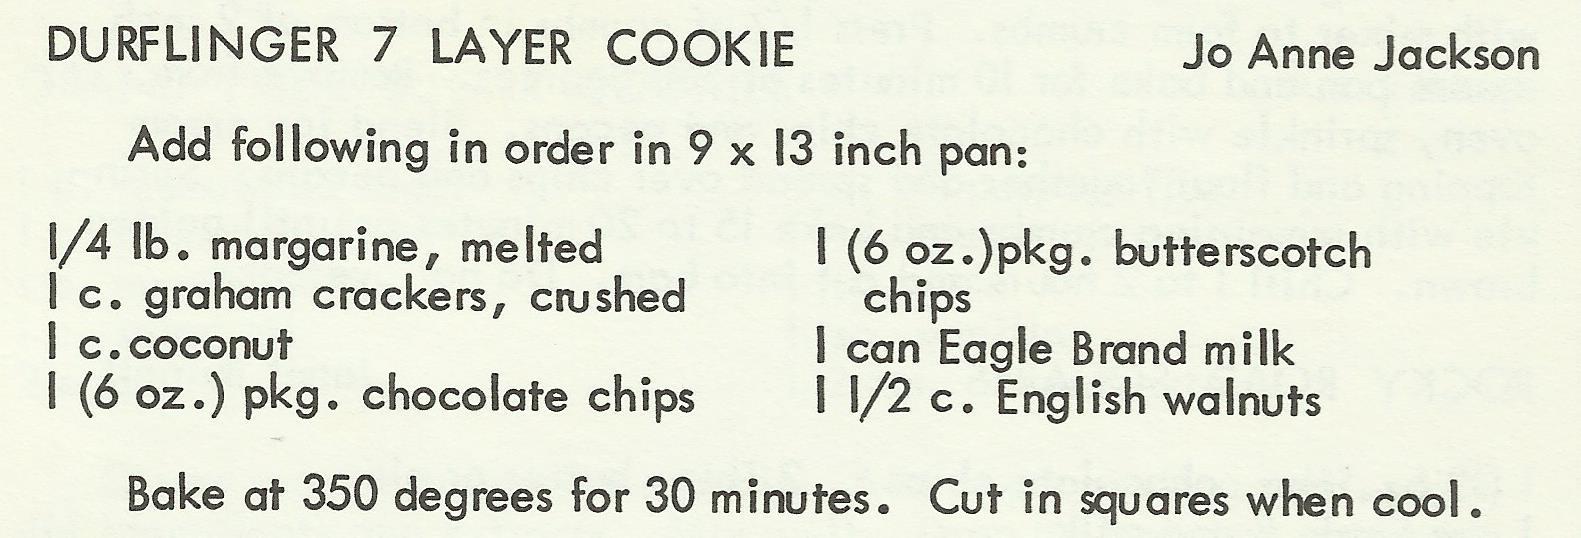 Durflinger 7 Layer Cookie